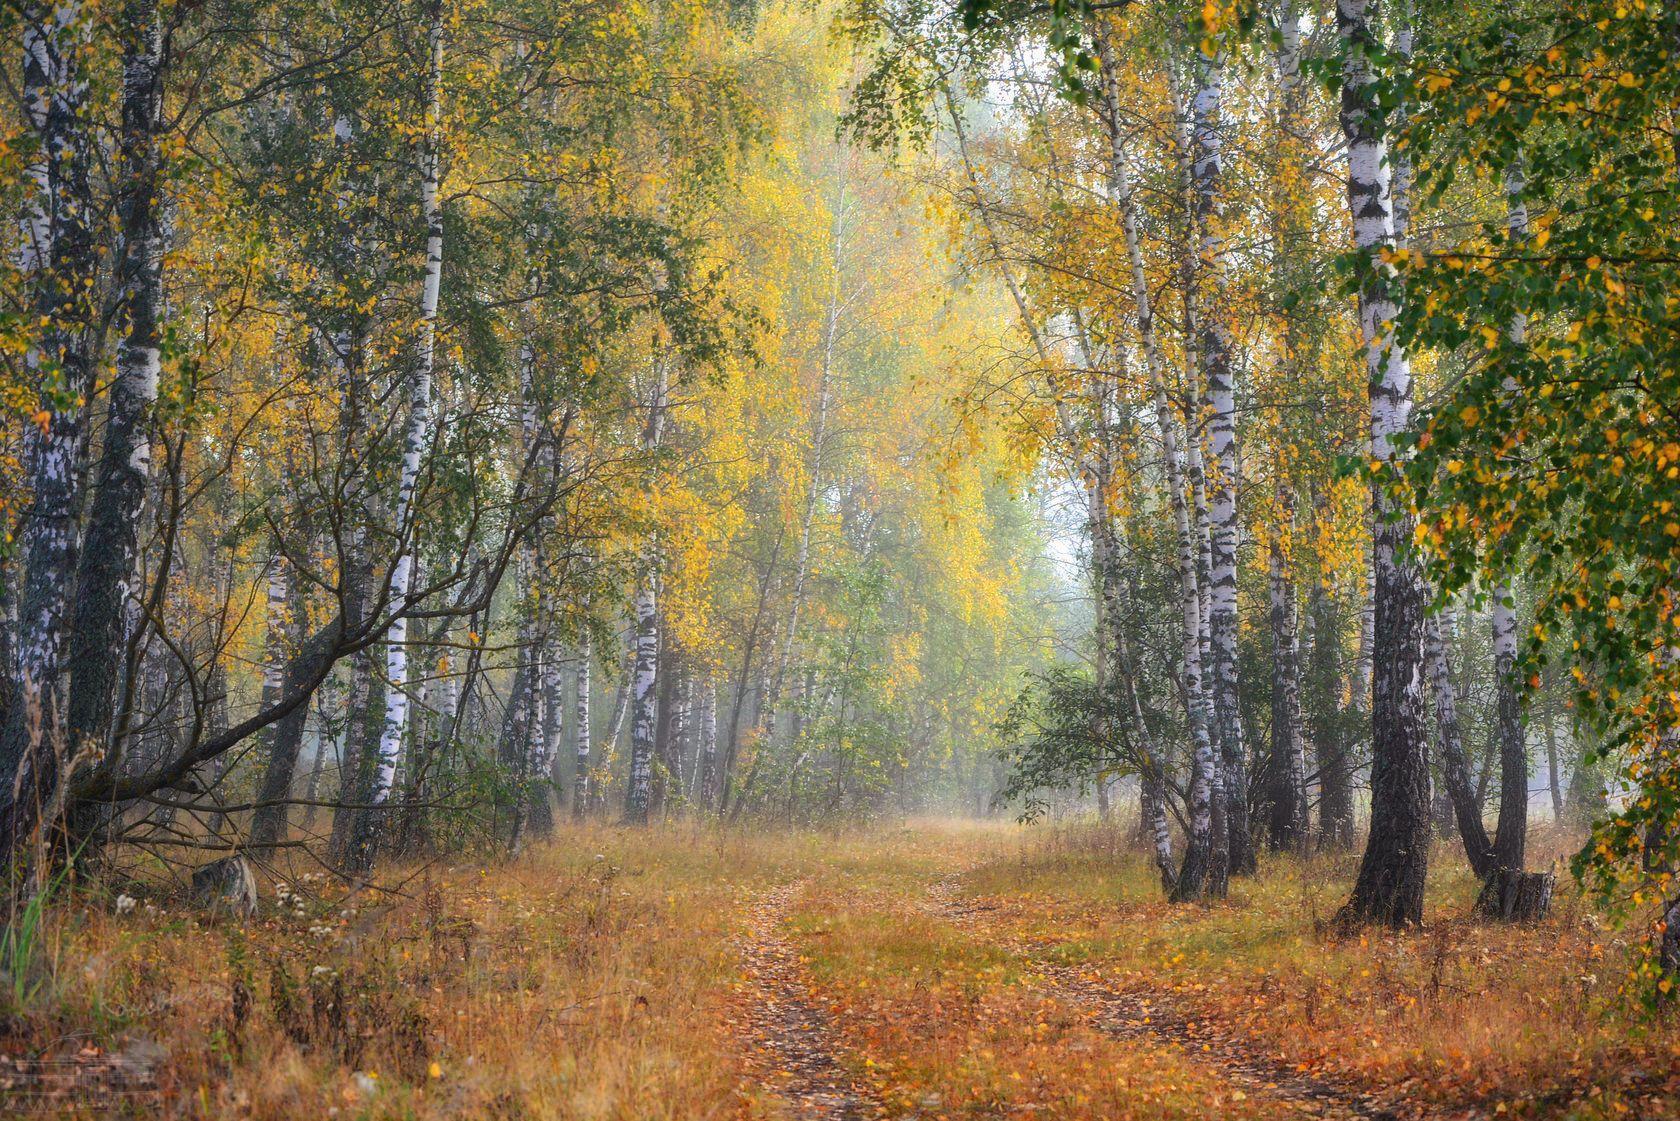 осень, утро, лес, березы, листва, туман, туманное утро, Абрамова Юлия